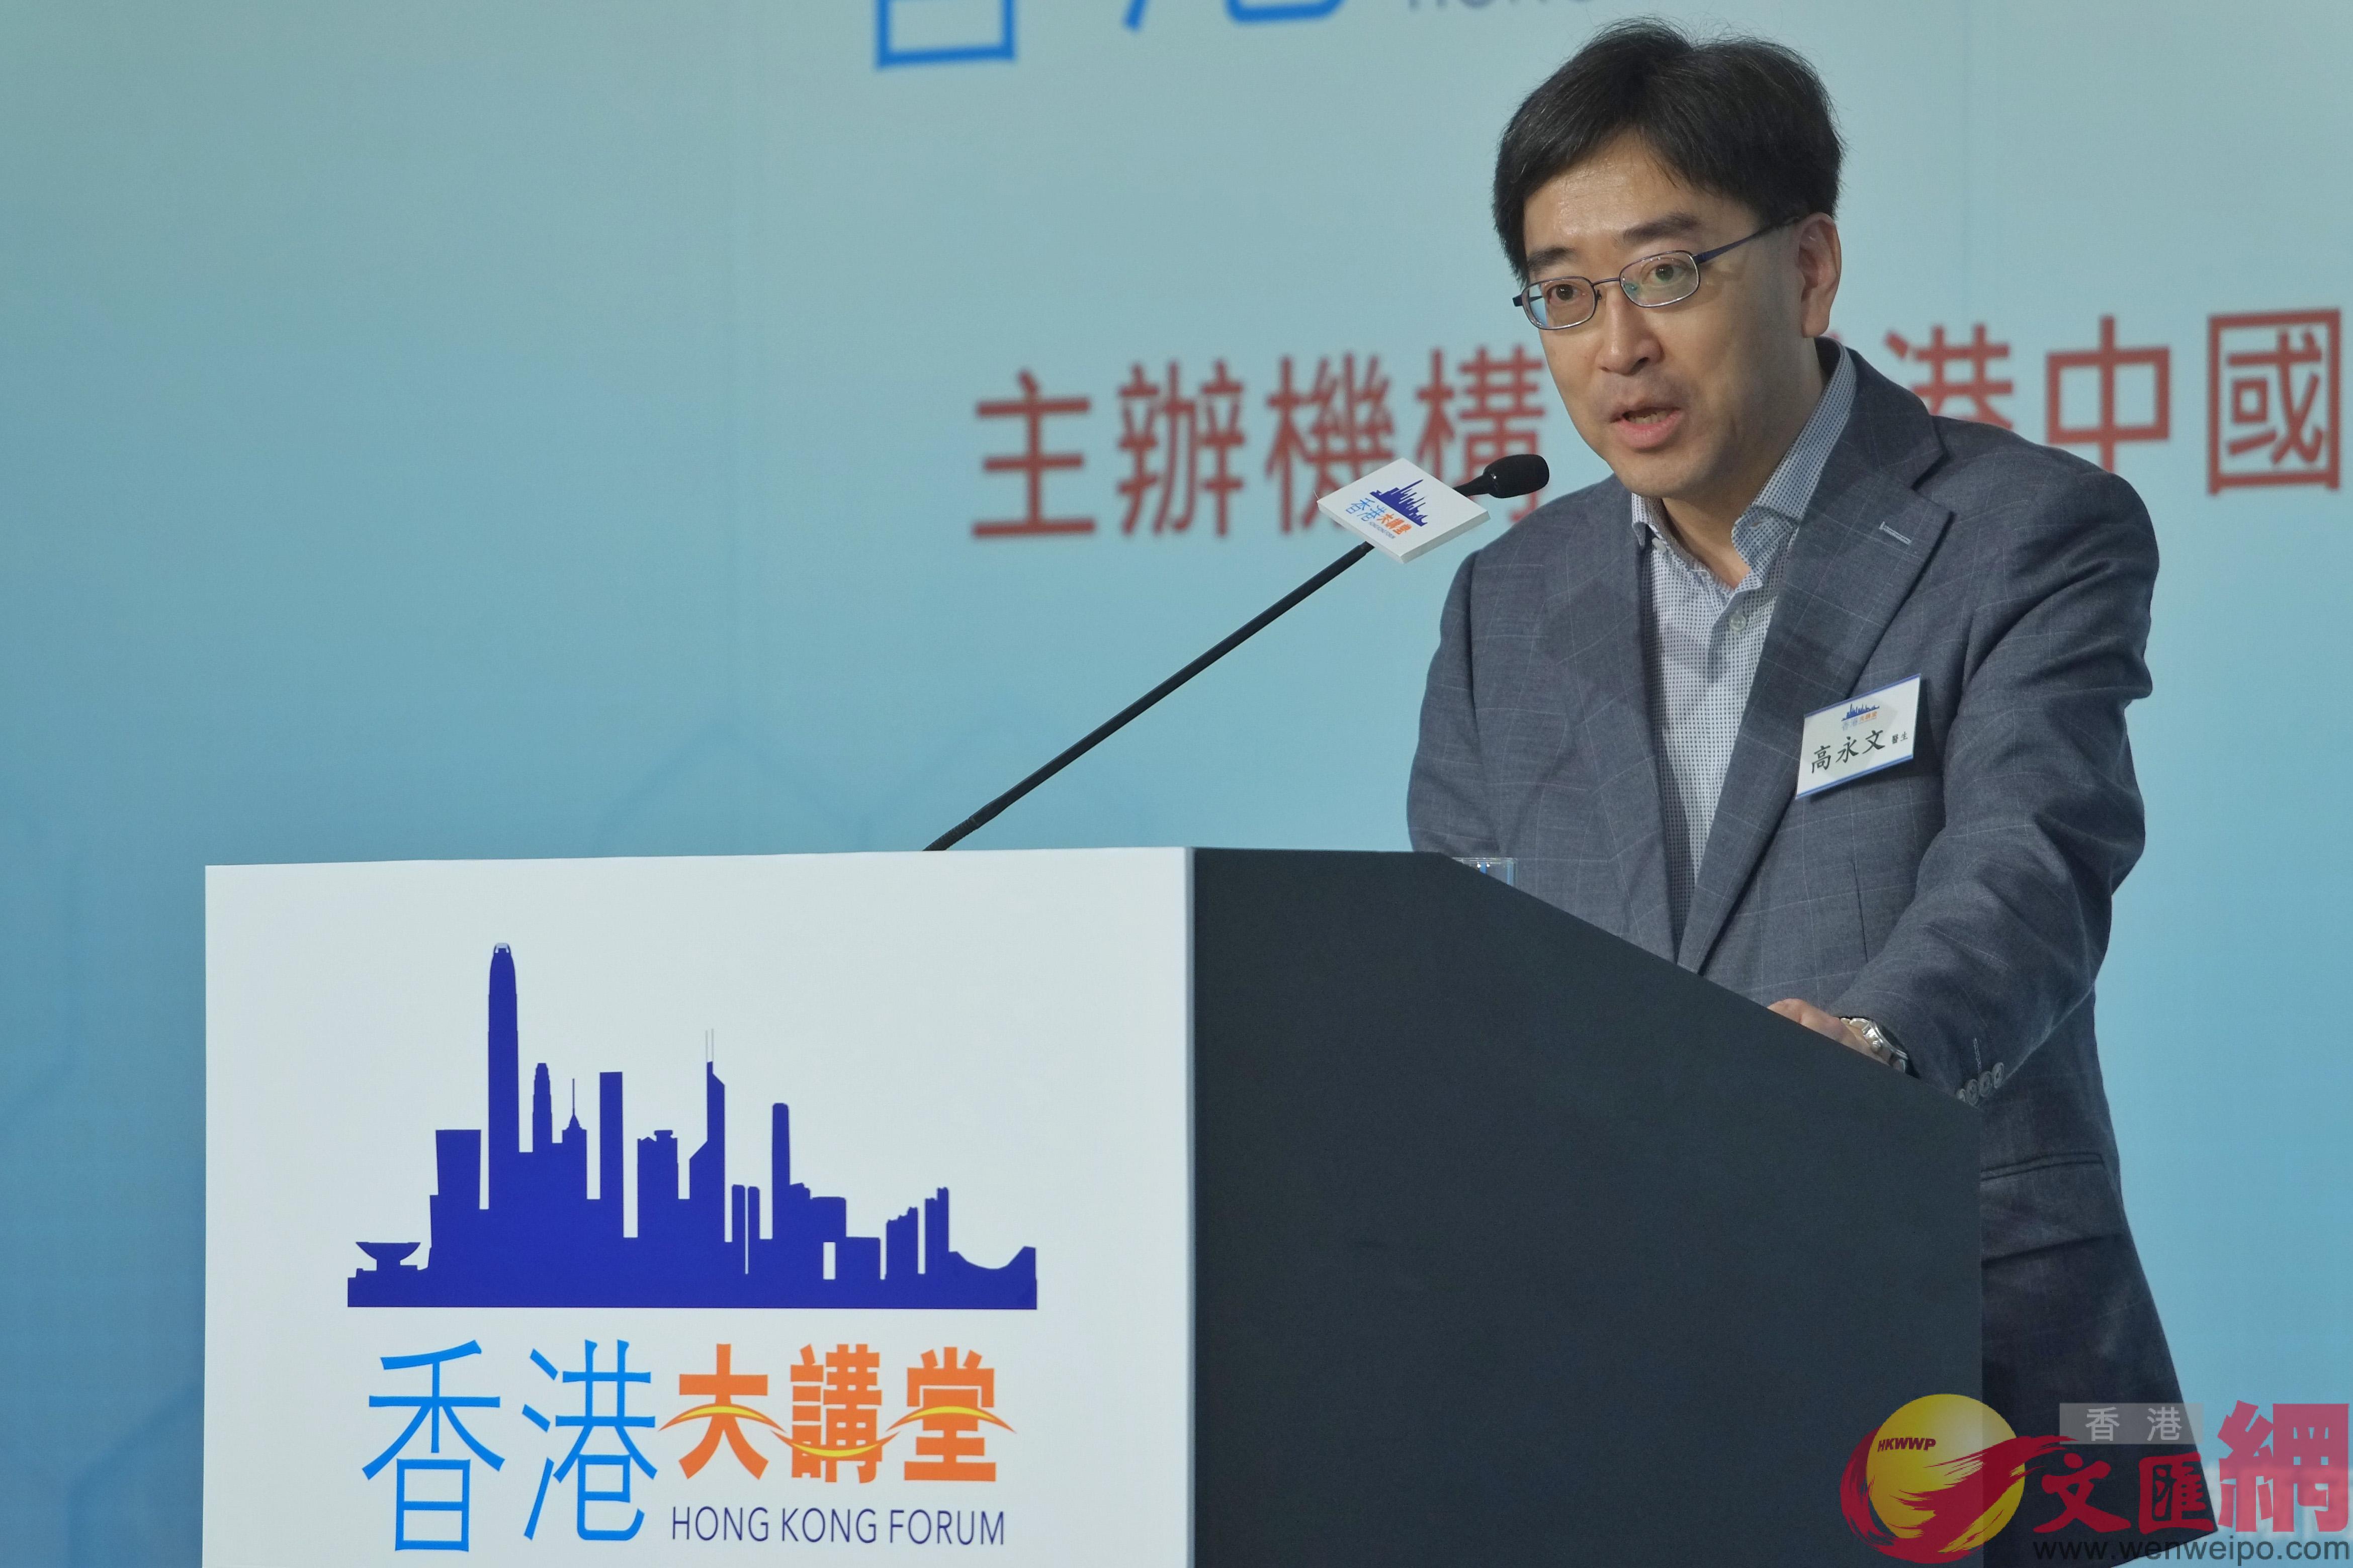 高永文指分享香港醫療分級制度經驗有助提升大灣區醫療水準